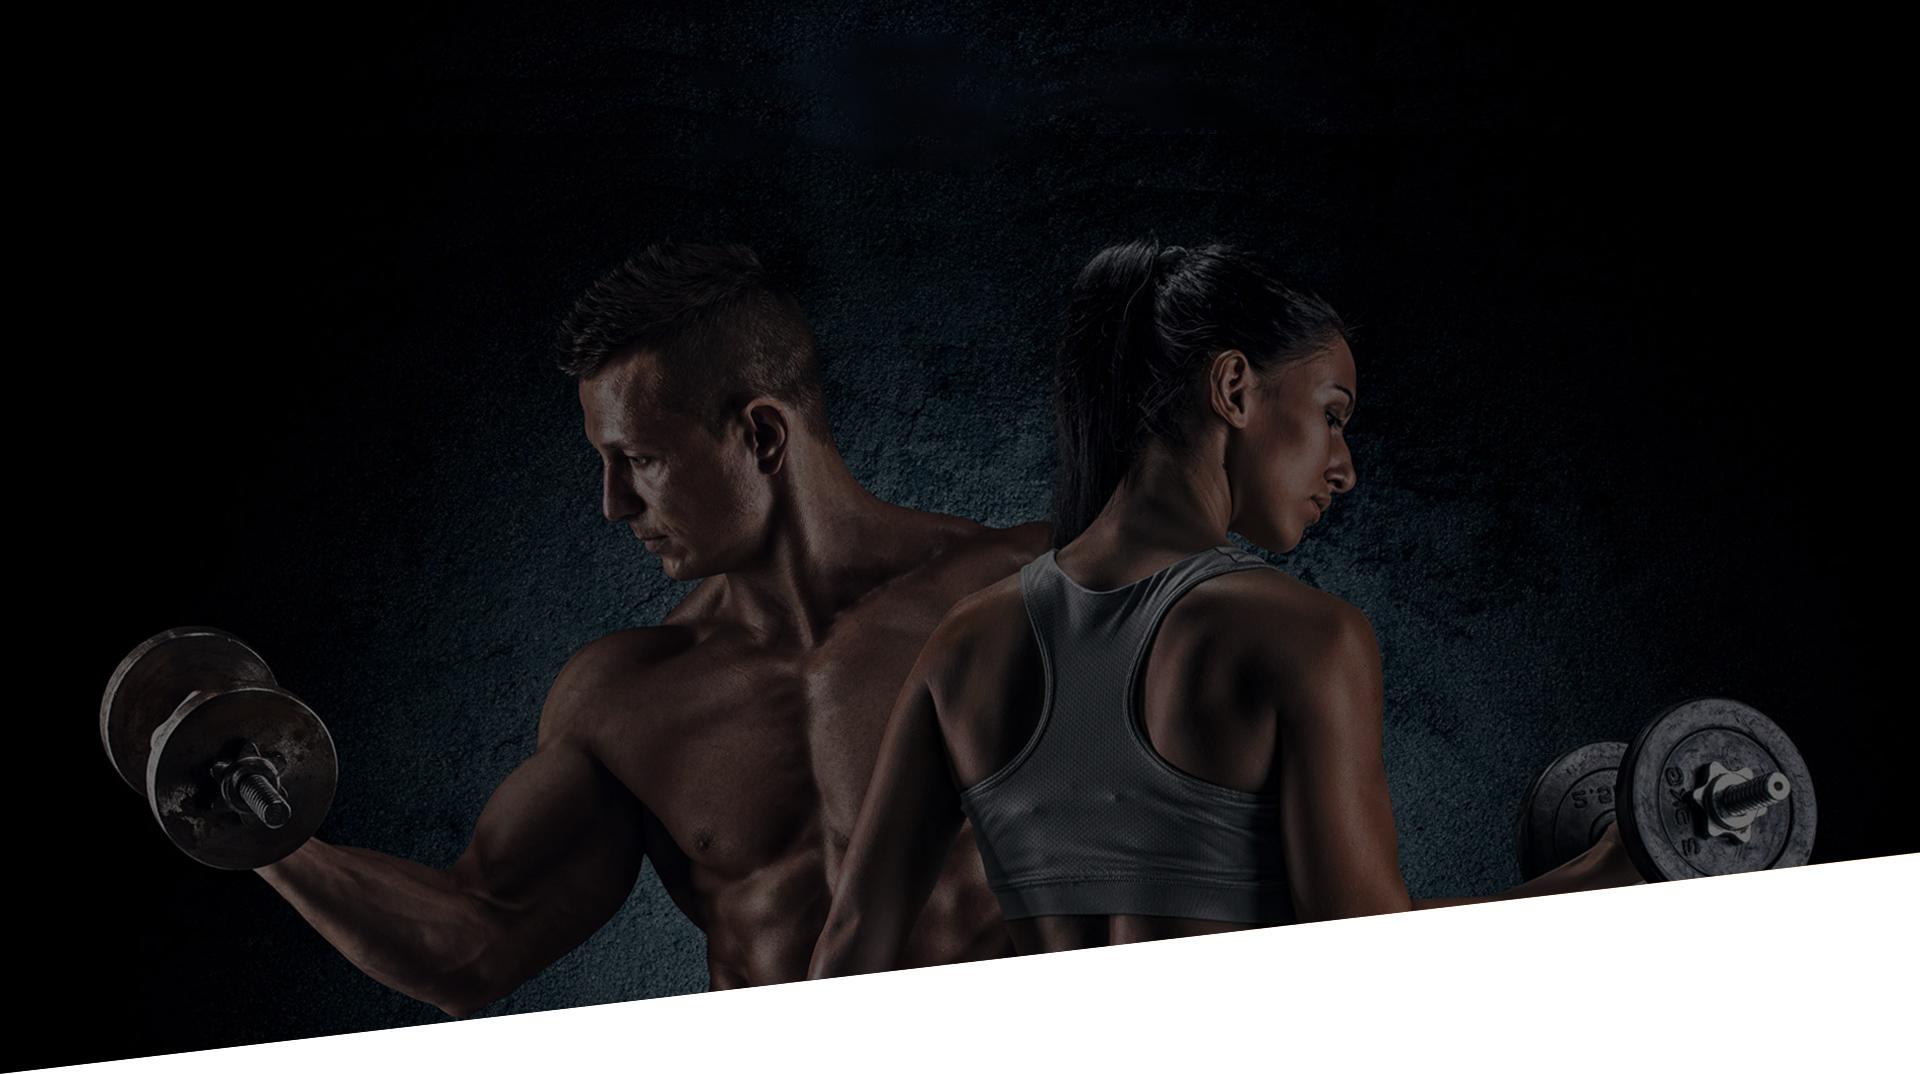 Cómo elegir el equipo de fitness?